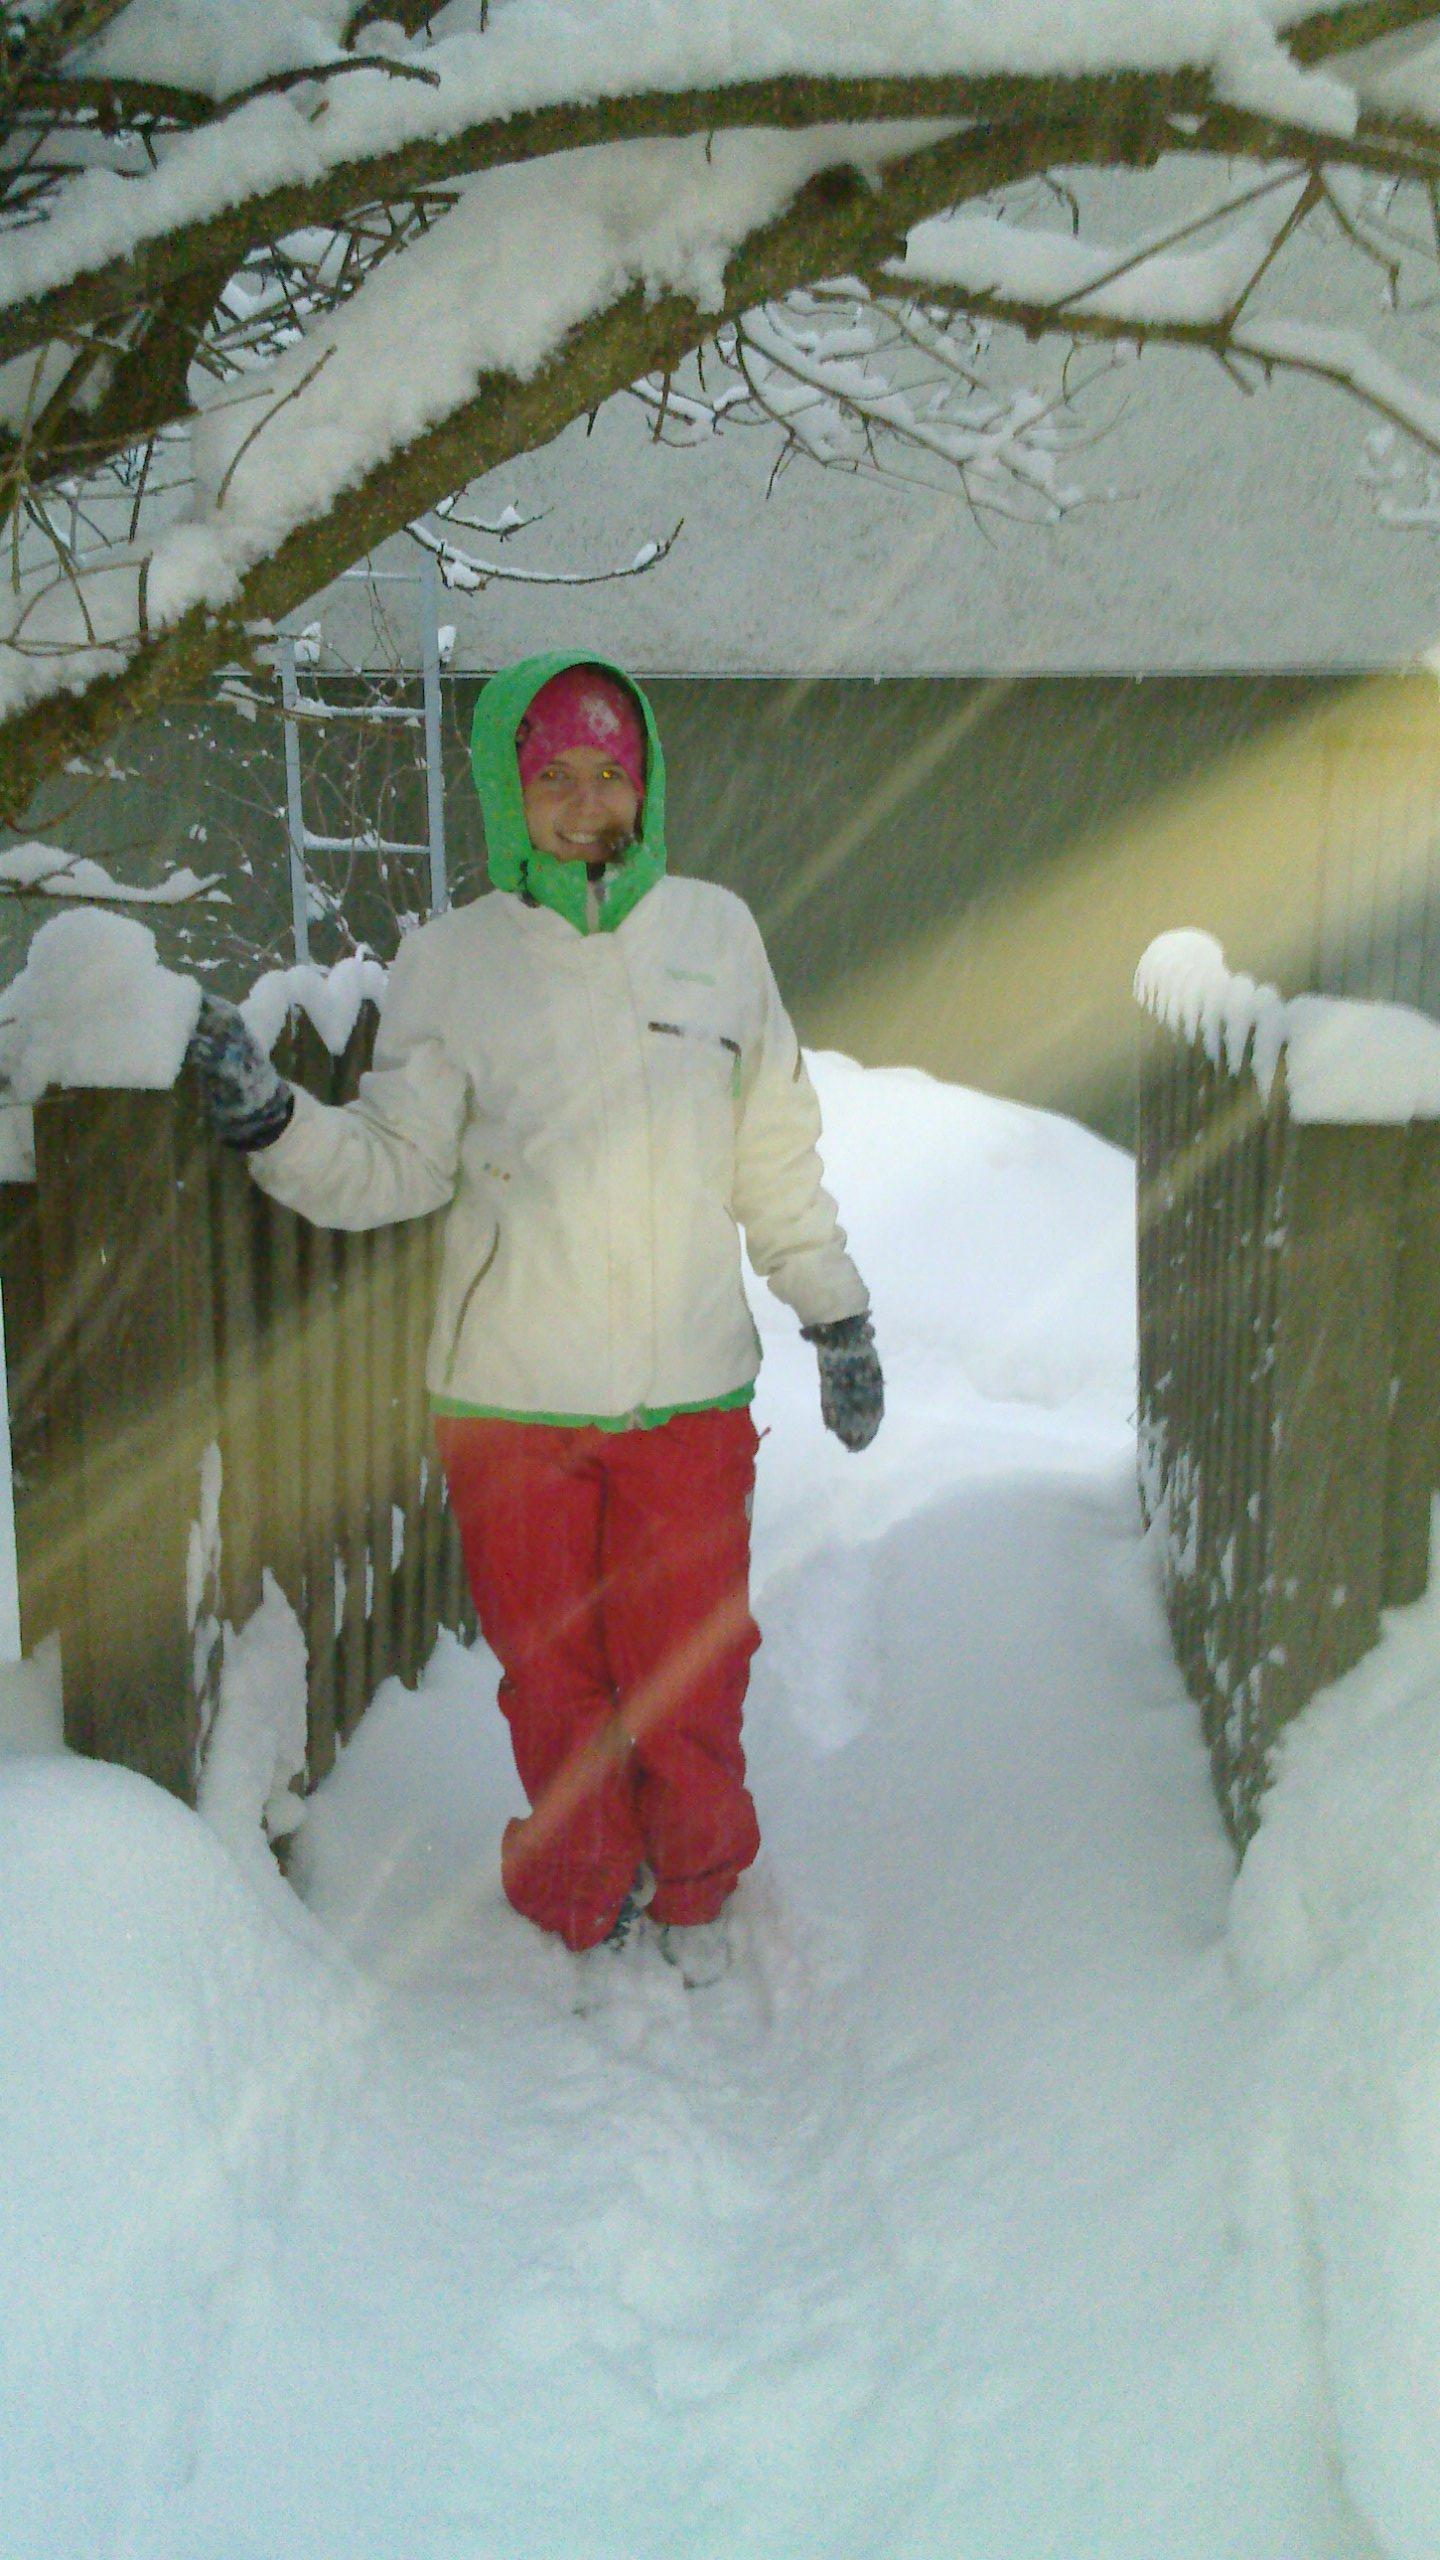 En snowboard-åkares klädregler i kyla